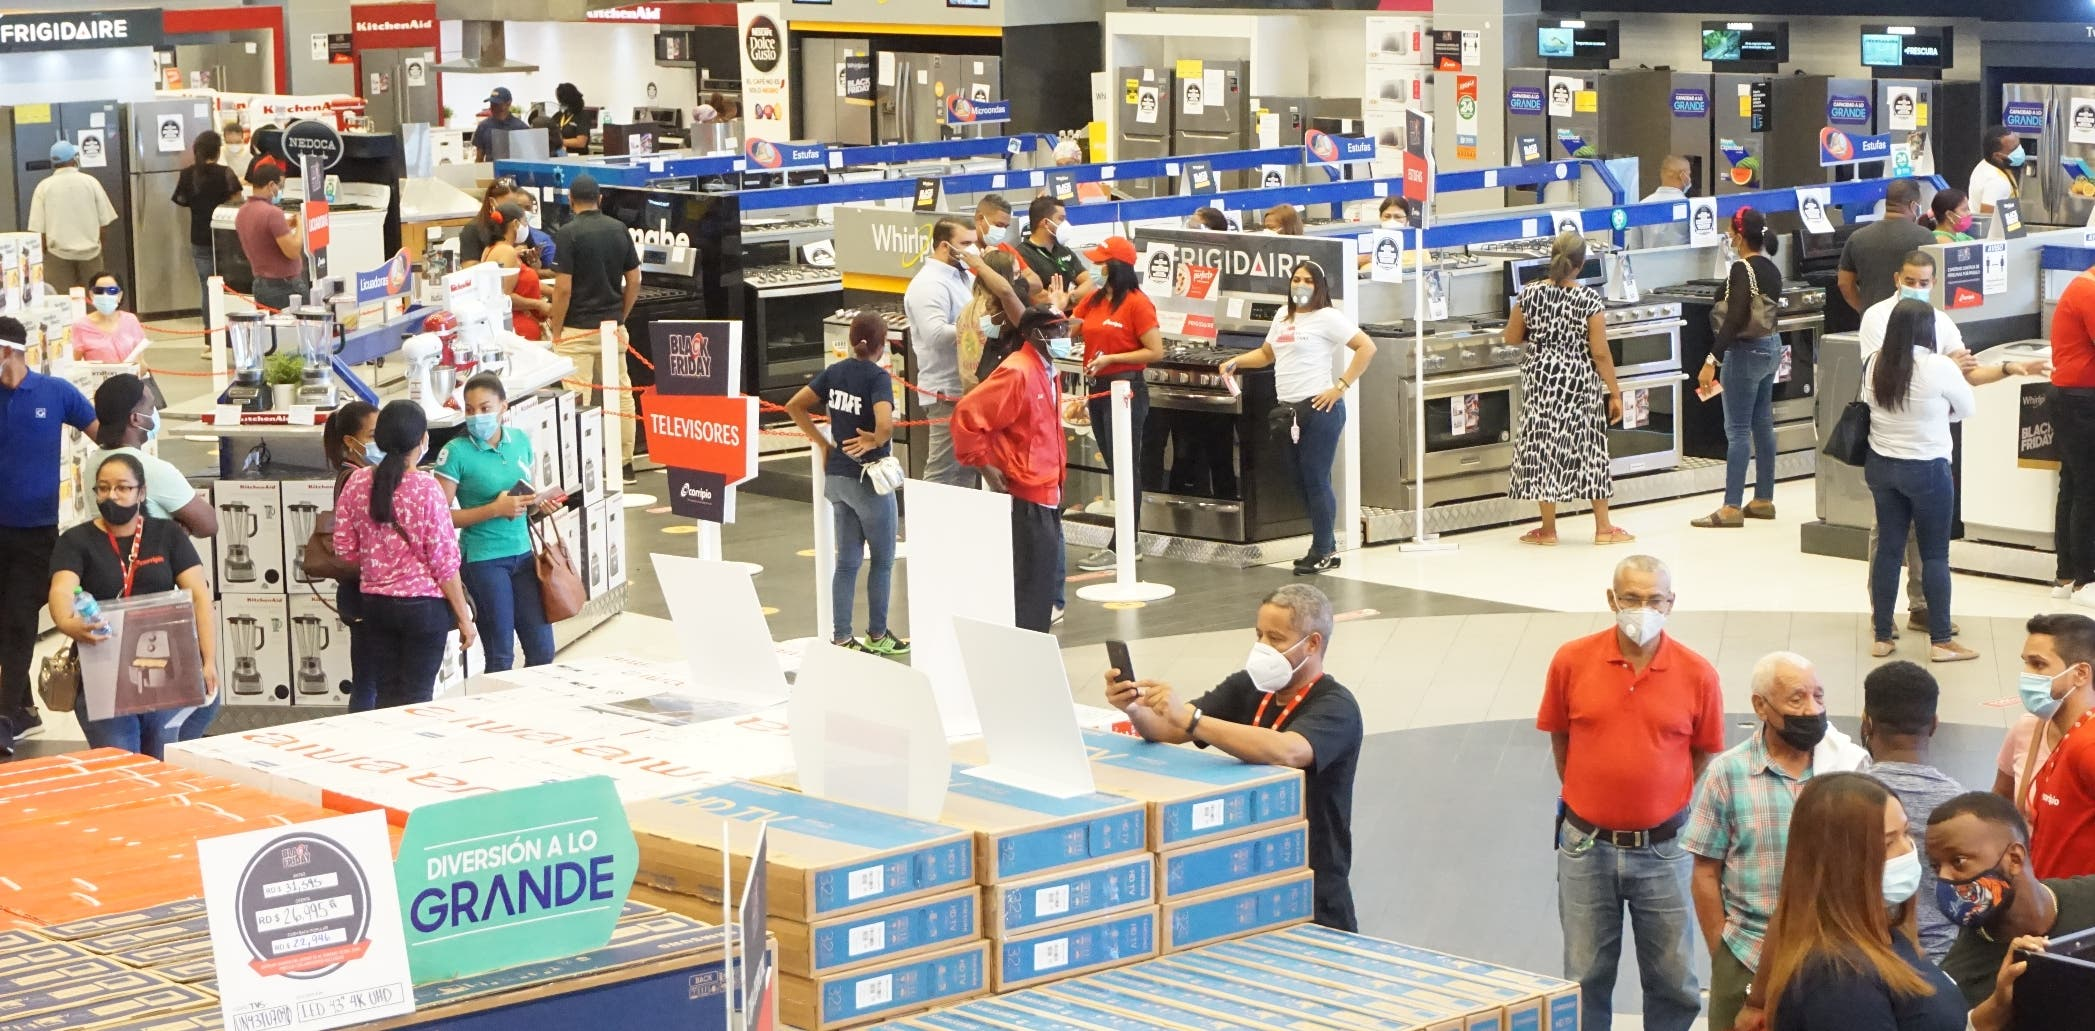 Los comerciantes esperan que Viernes Negro reactive ventas